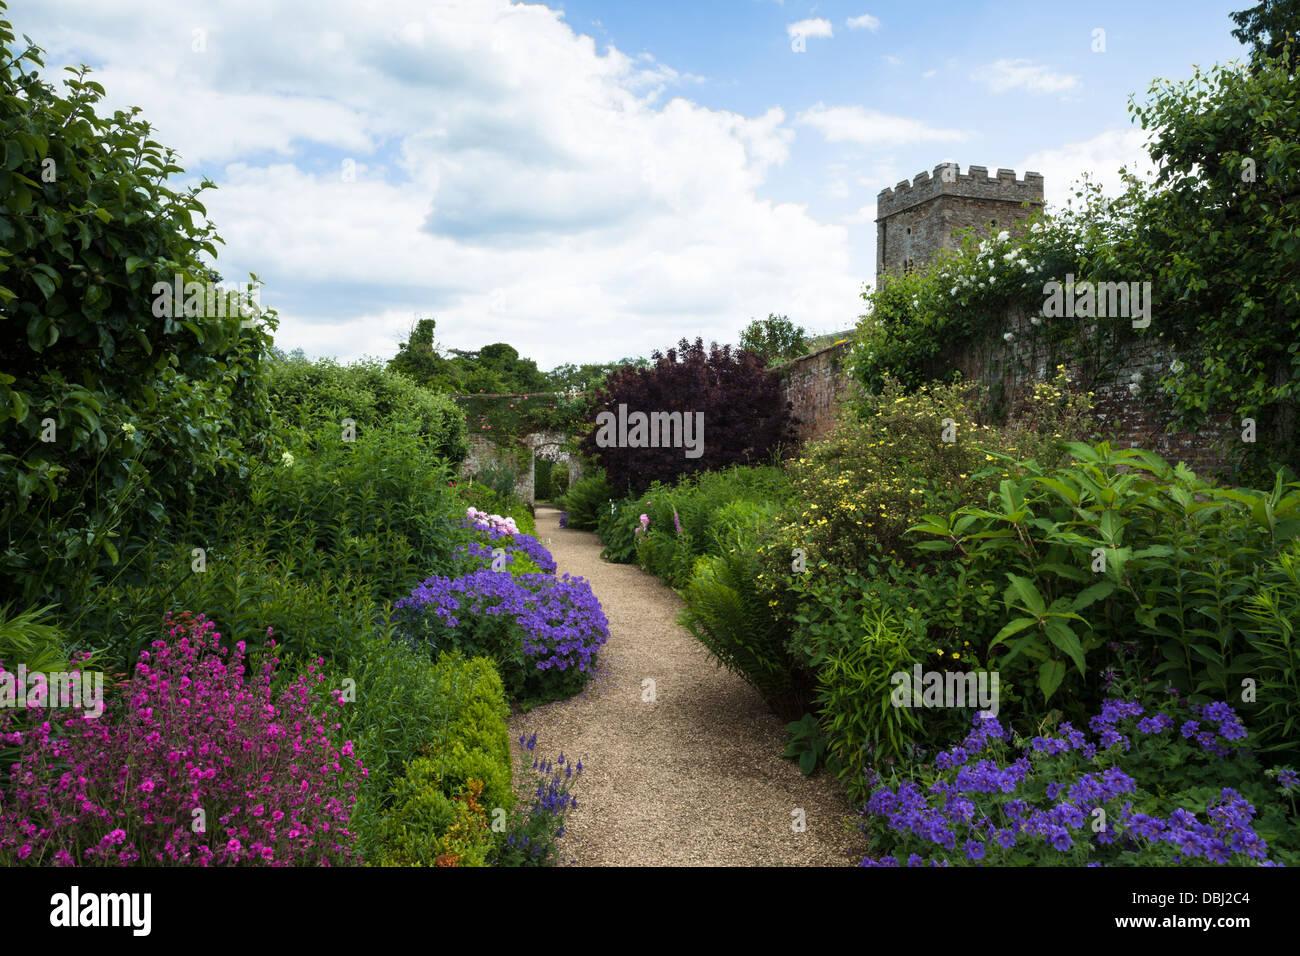 Colorato herbaceous borders entro il giardino murato di rousham